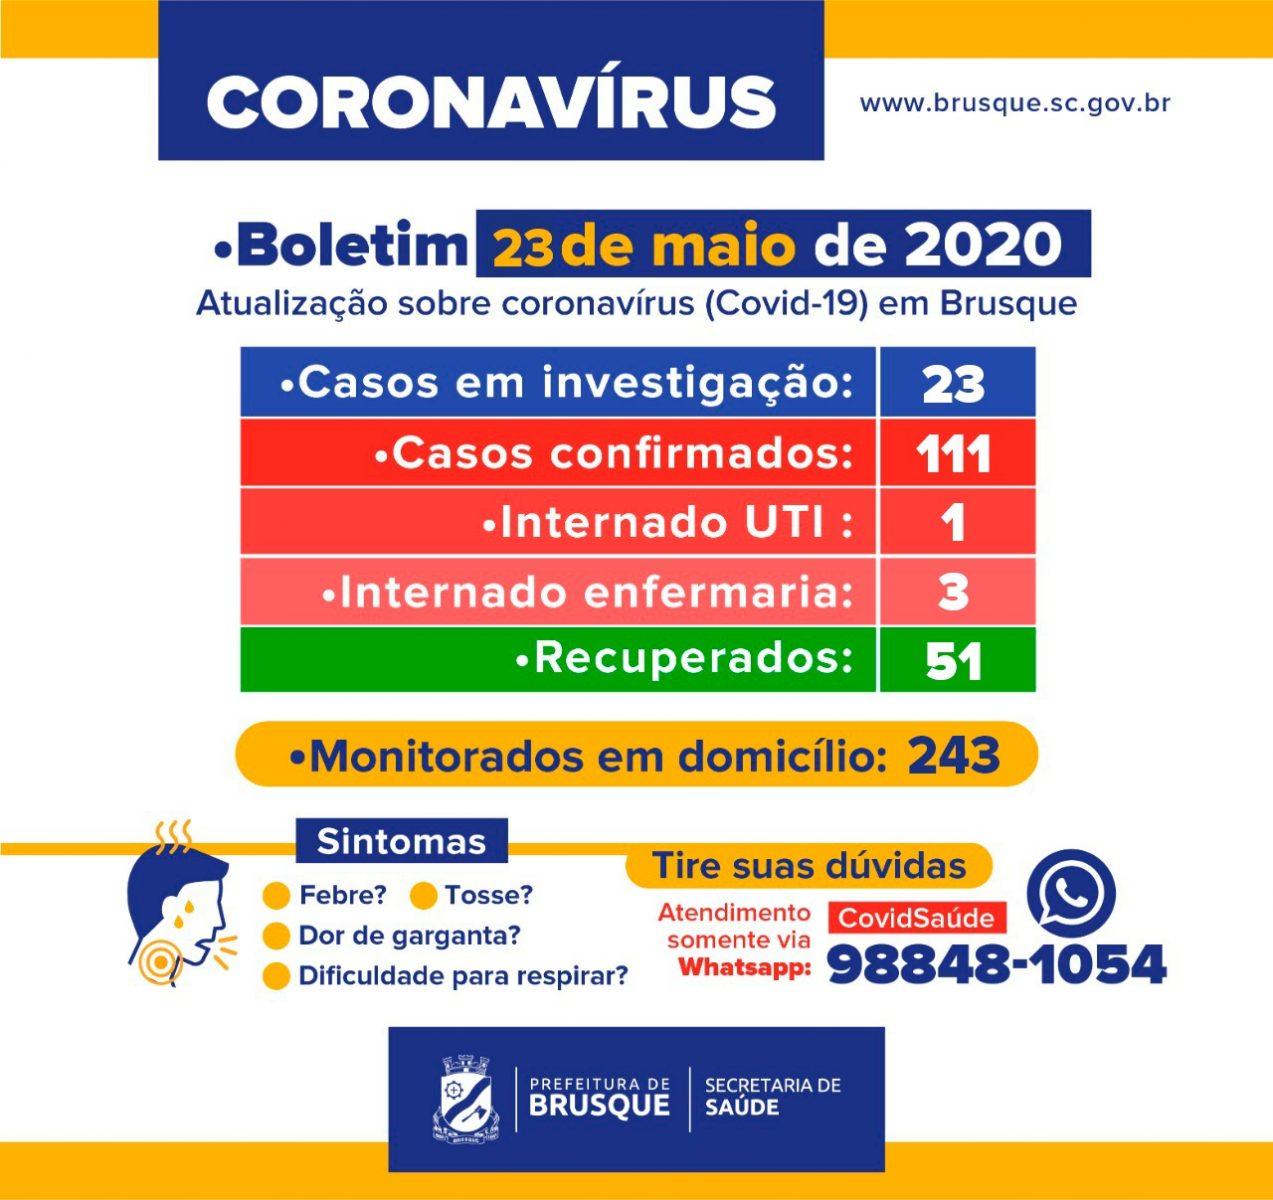 Brusque registra 111 casos de COVID-19. Número de recuperados é de 51, segundo Boletim divulgado neste sábado (23)